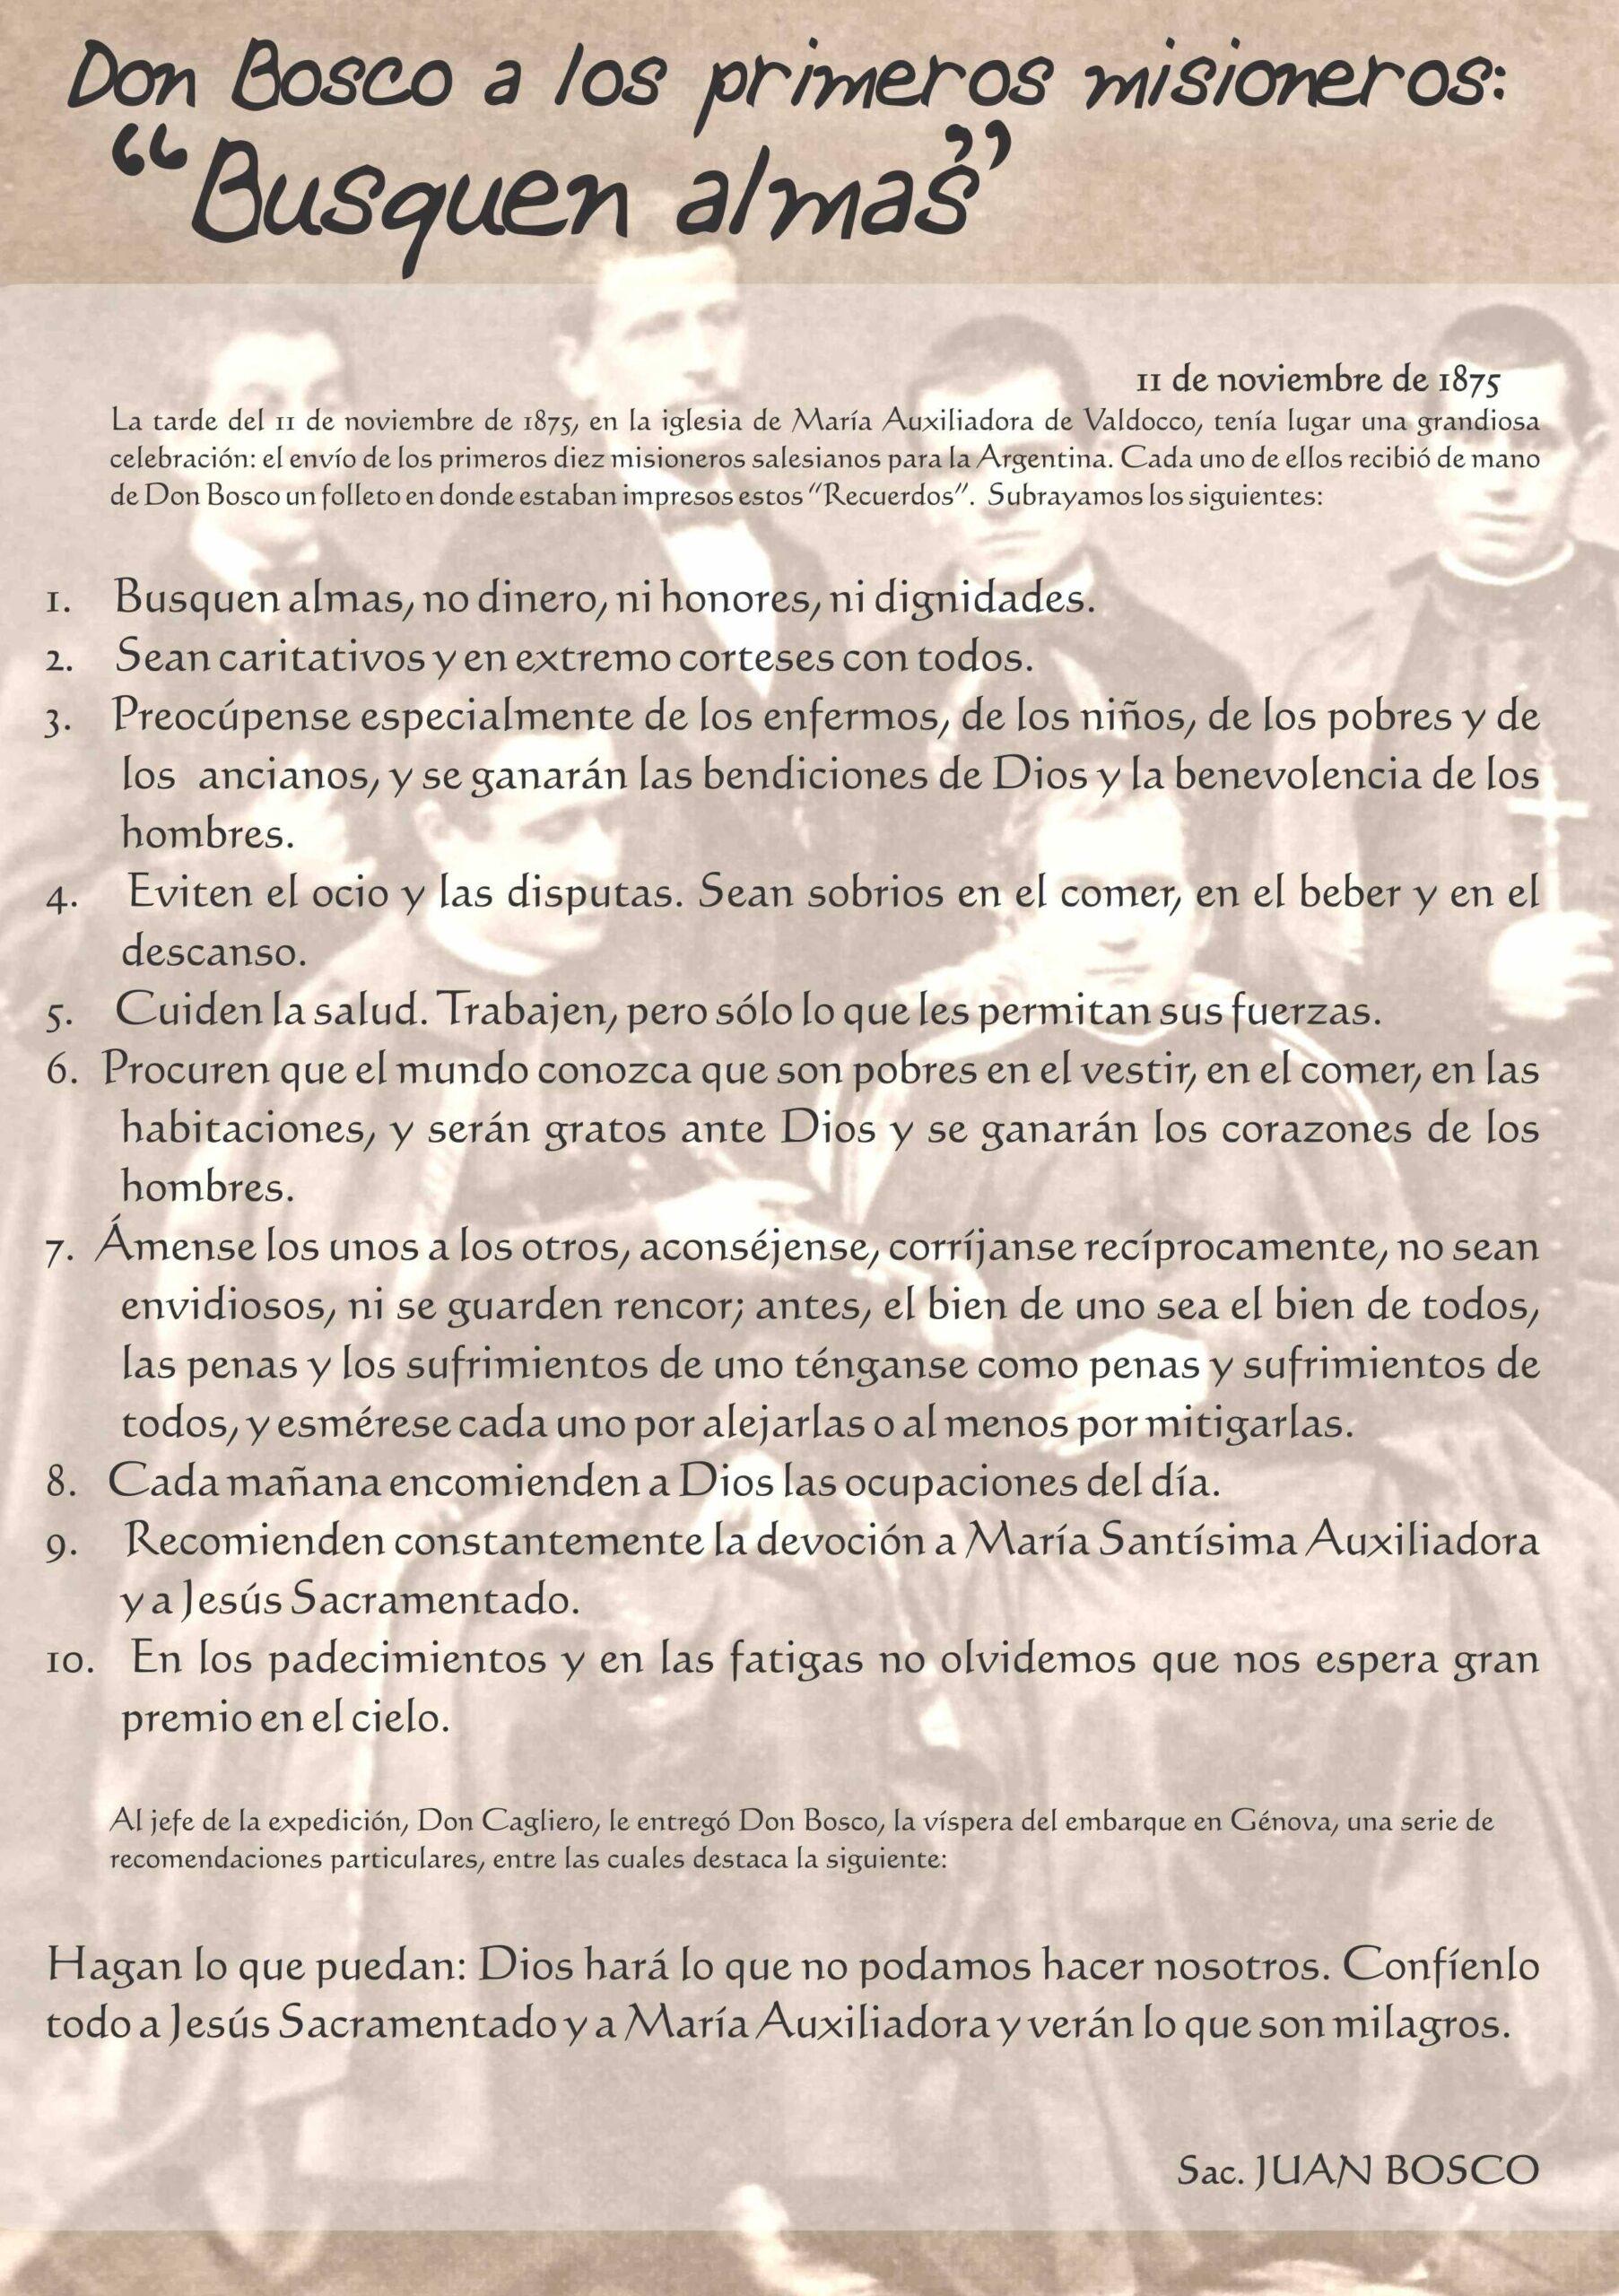 Recuerdo de Don Bosco a los primeros misioneros